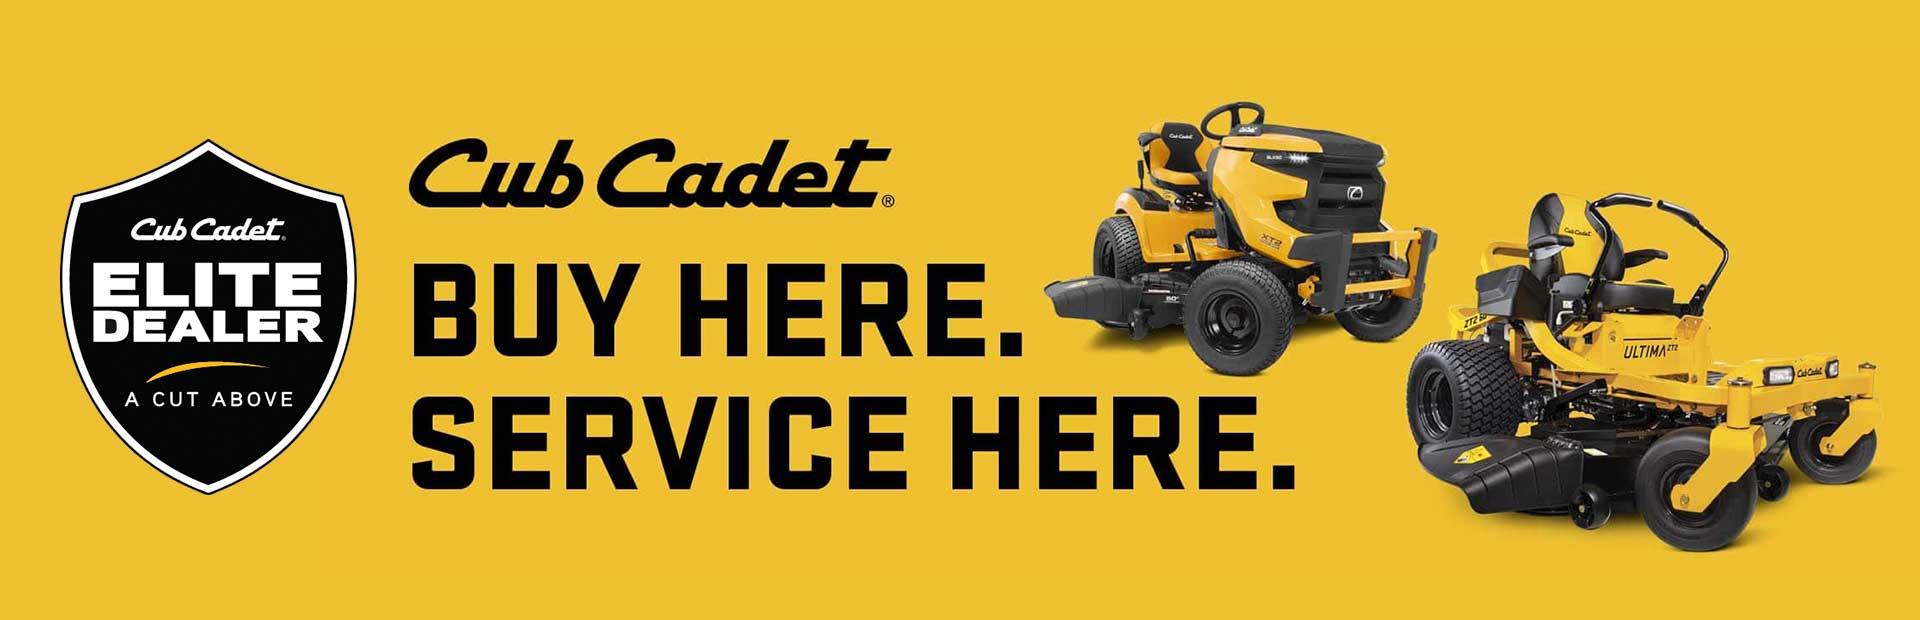 banner-cub-cadet-elite-dealer-buy-here-service-here